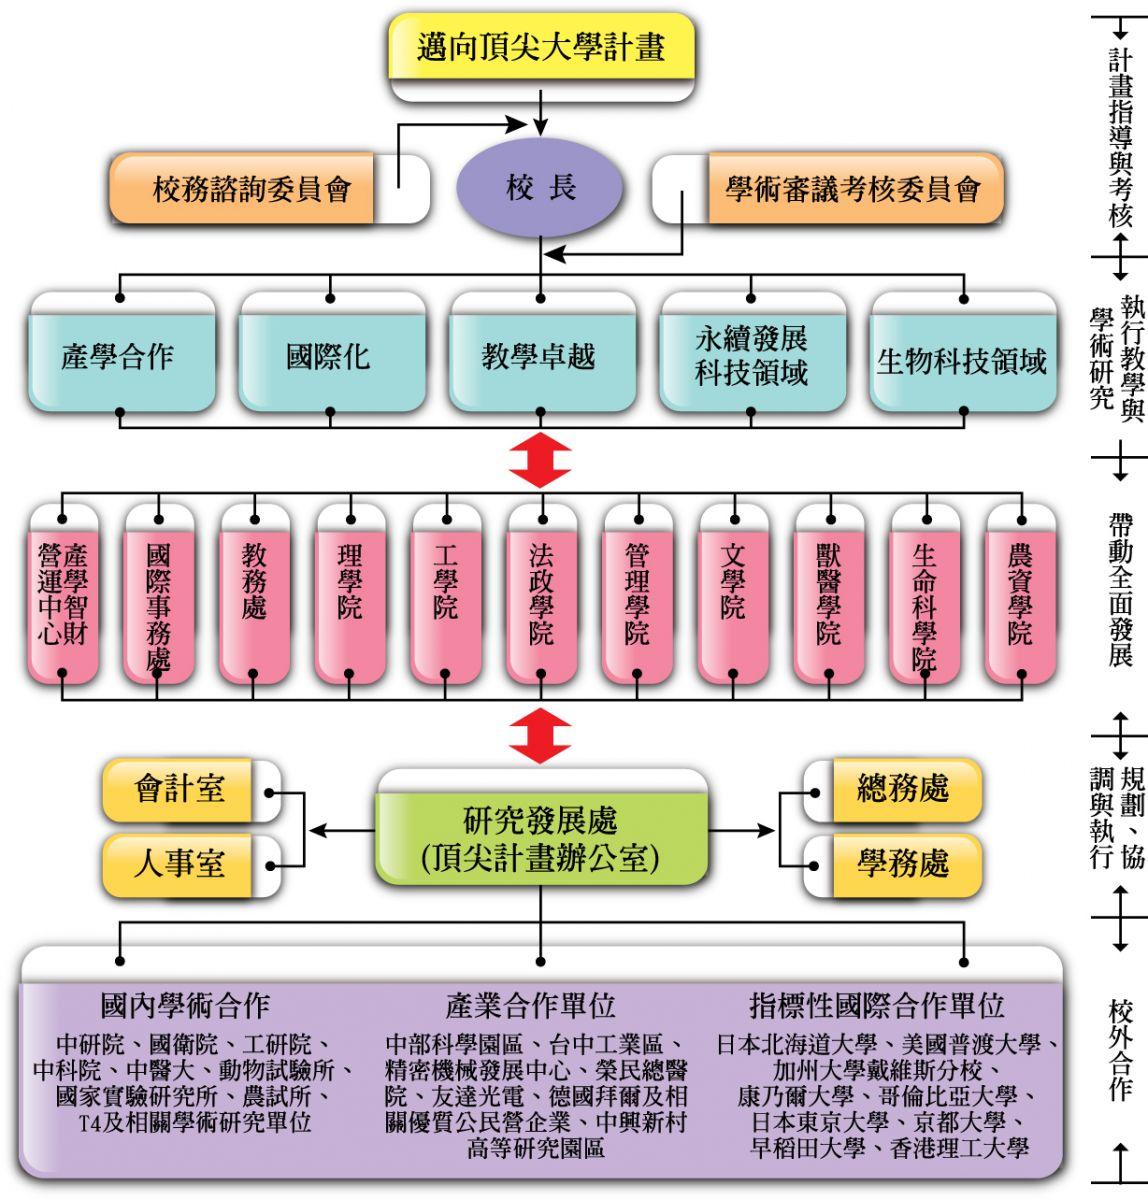 執行架構與管控機制